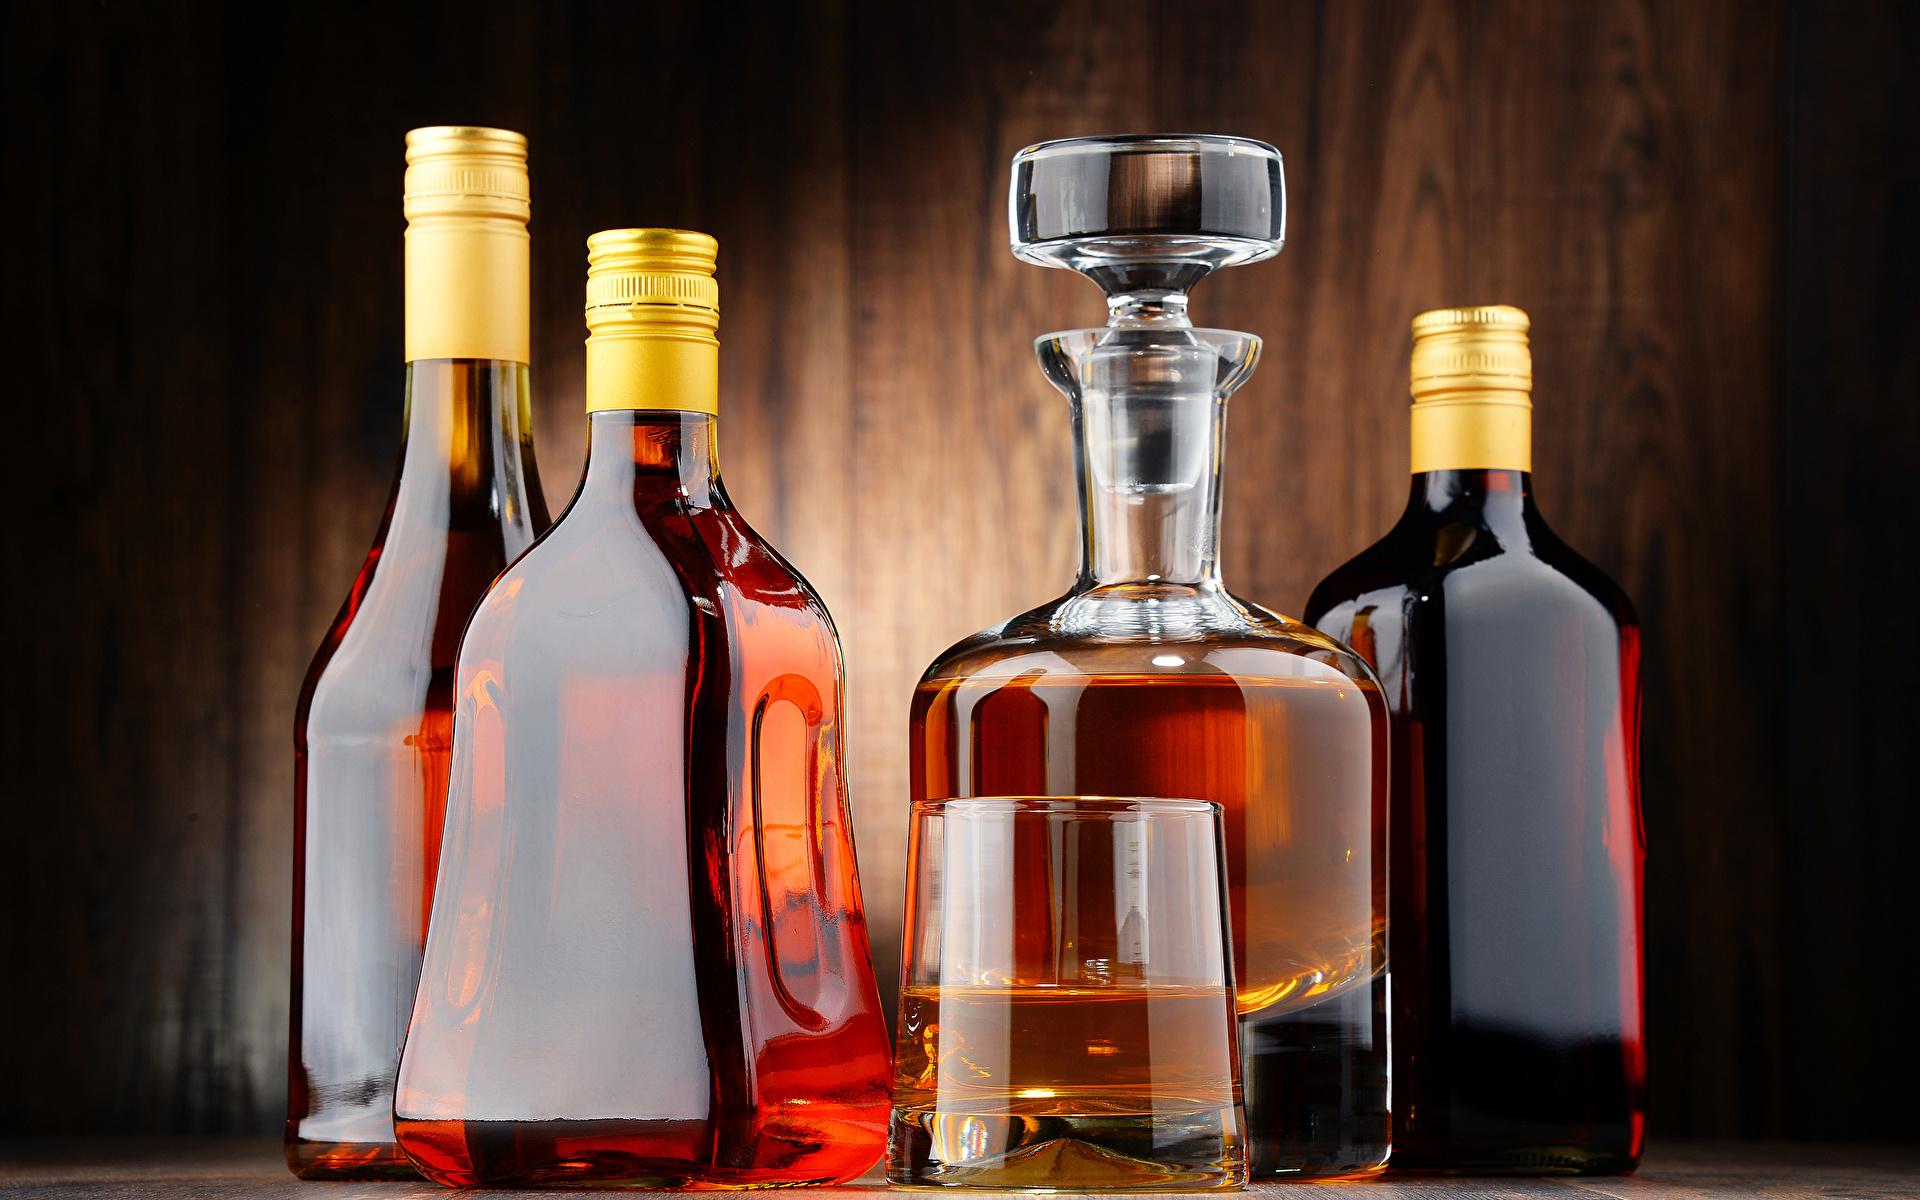 Bilder von Flasche Lebensmittel Getränke 1920x1200